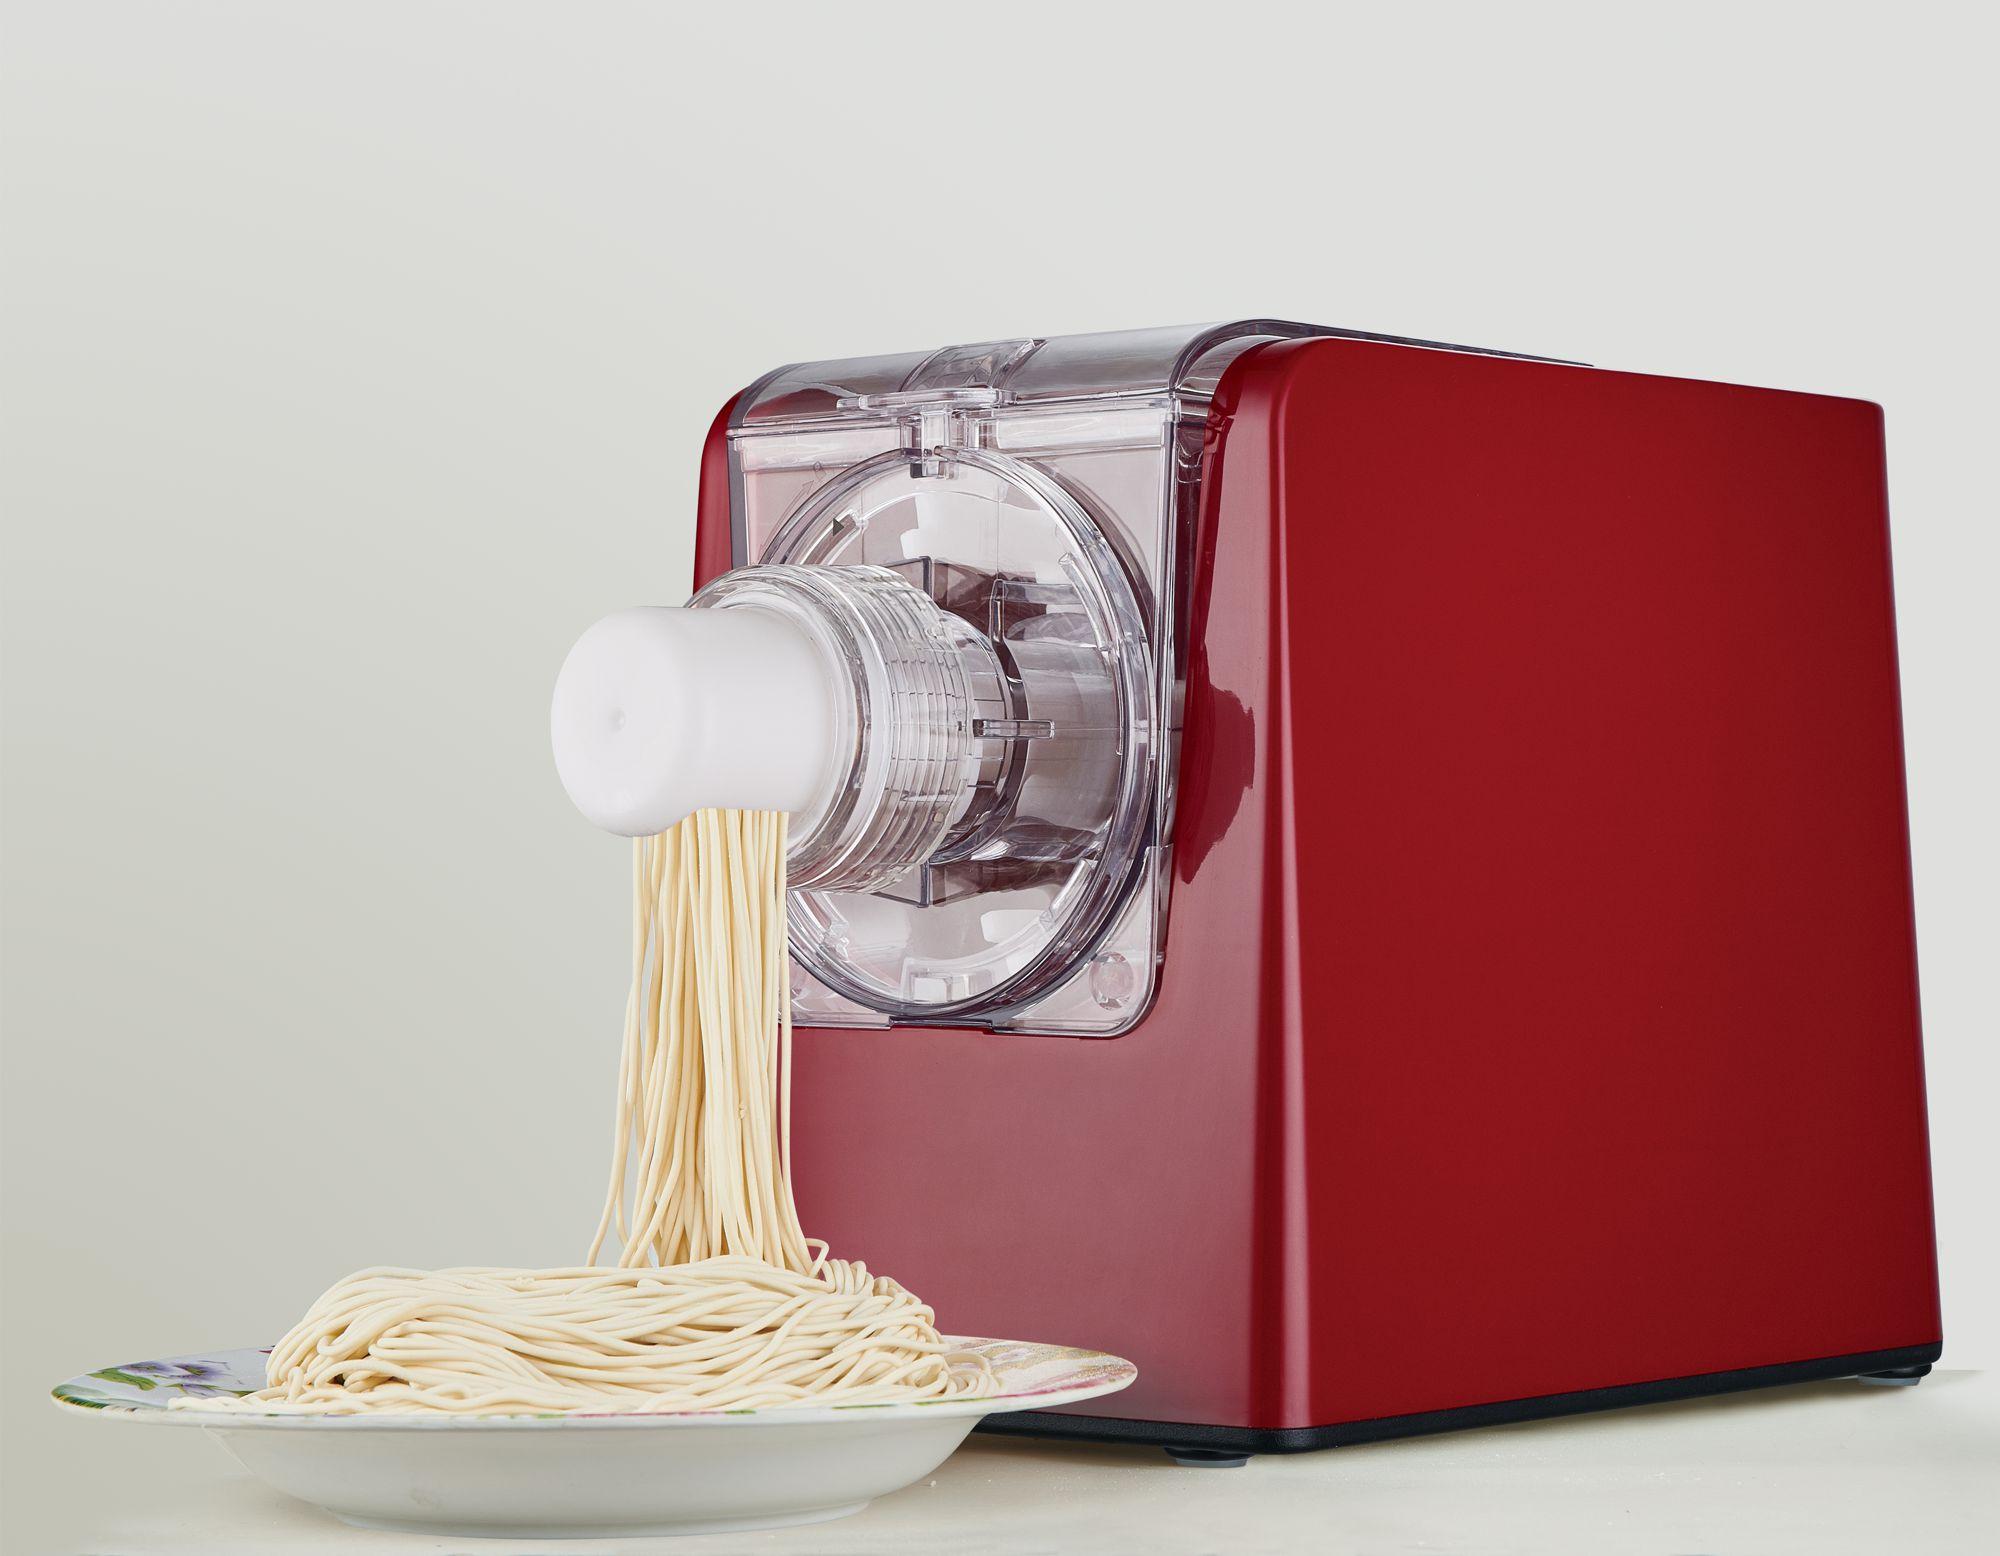 Sirge macchina per fare la pasta fresca automatica e digit for Piani per la macchina